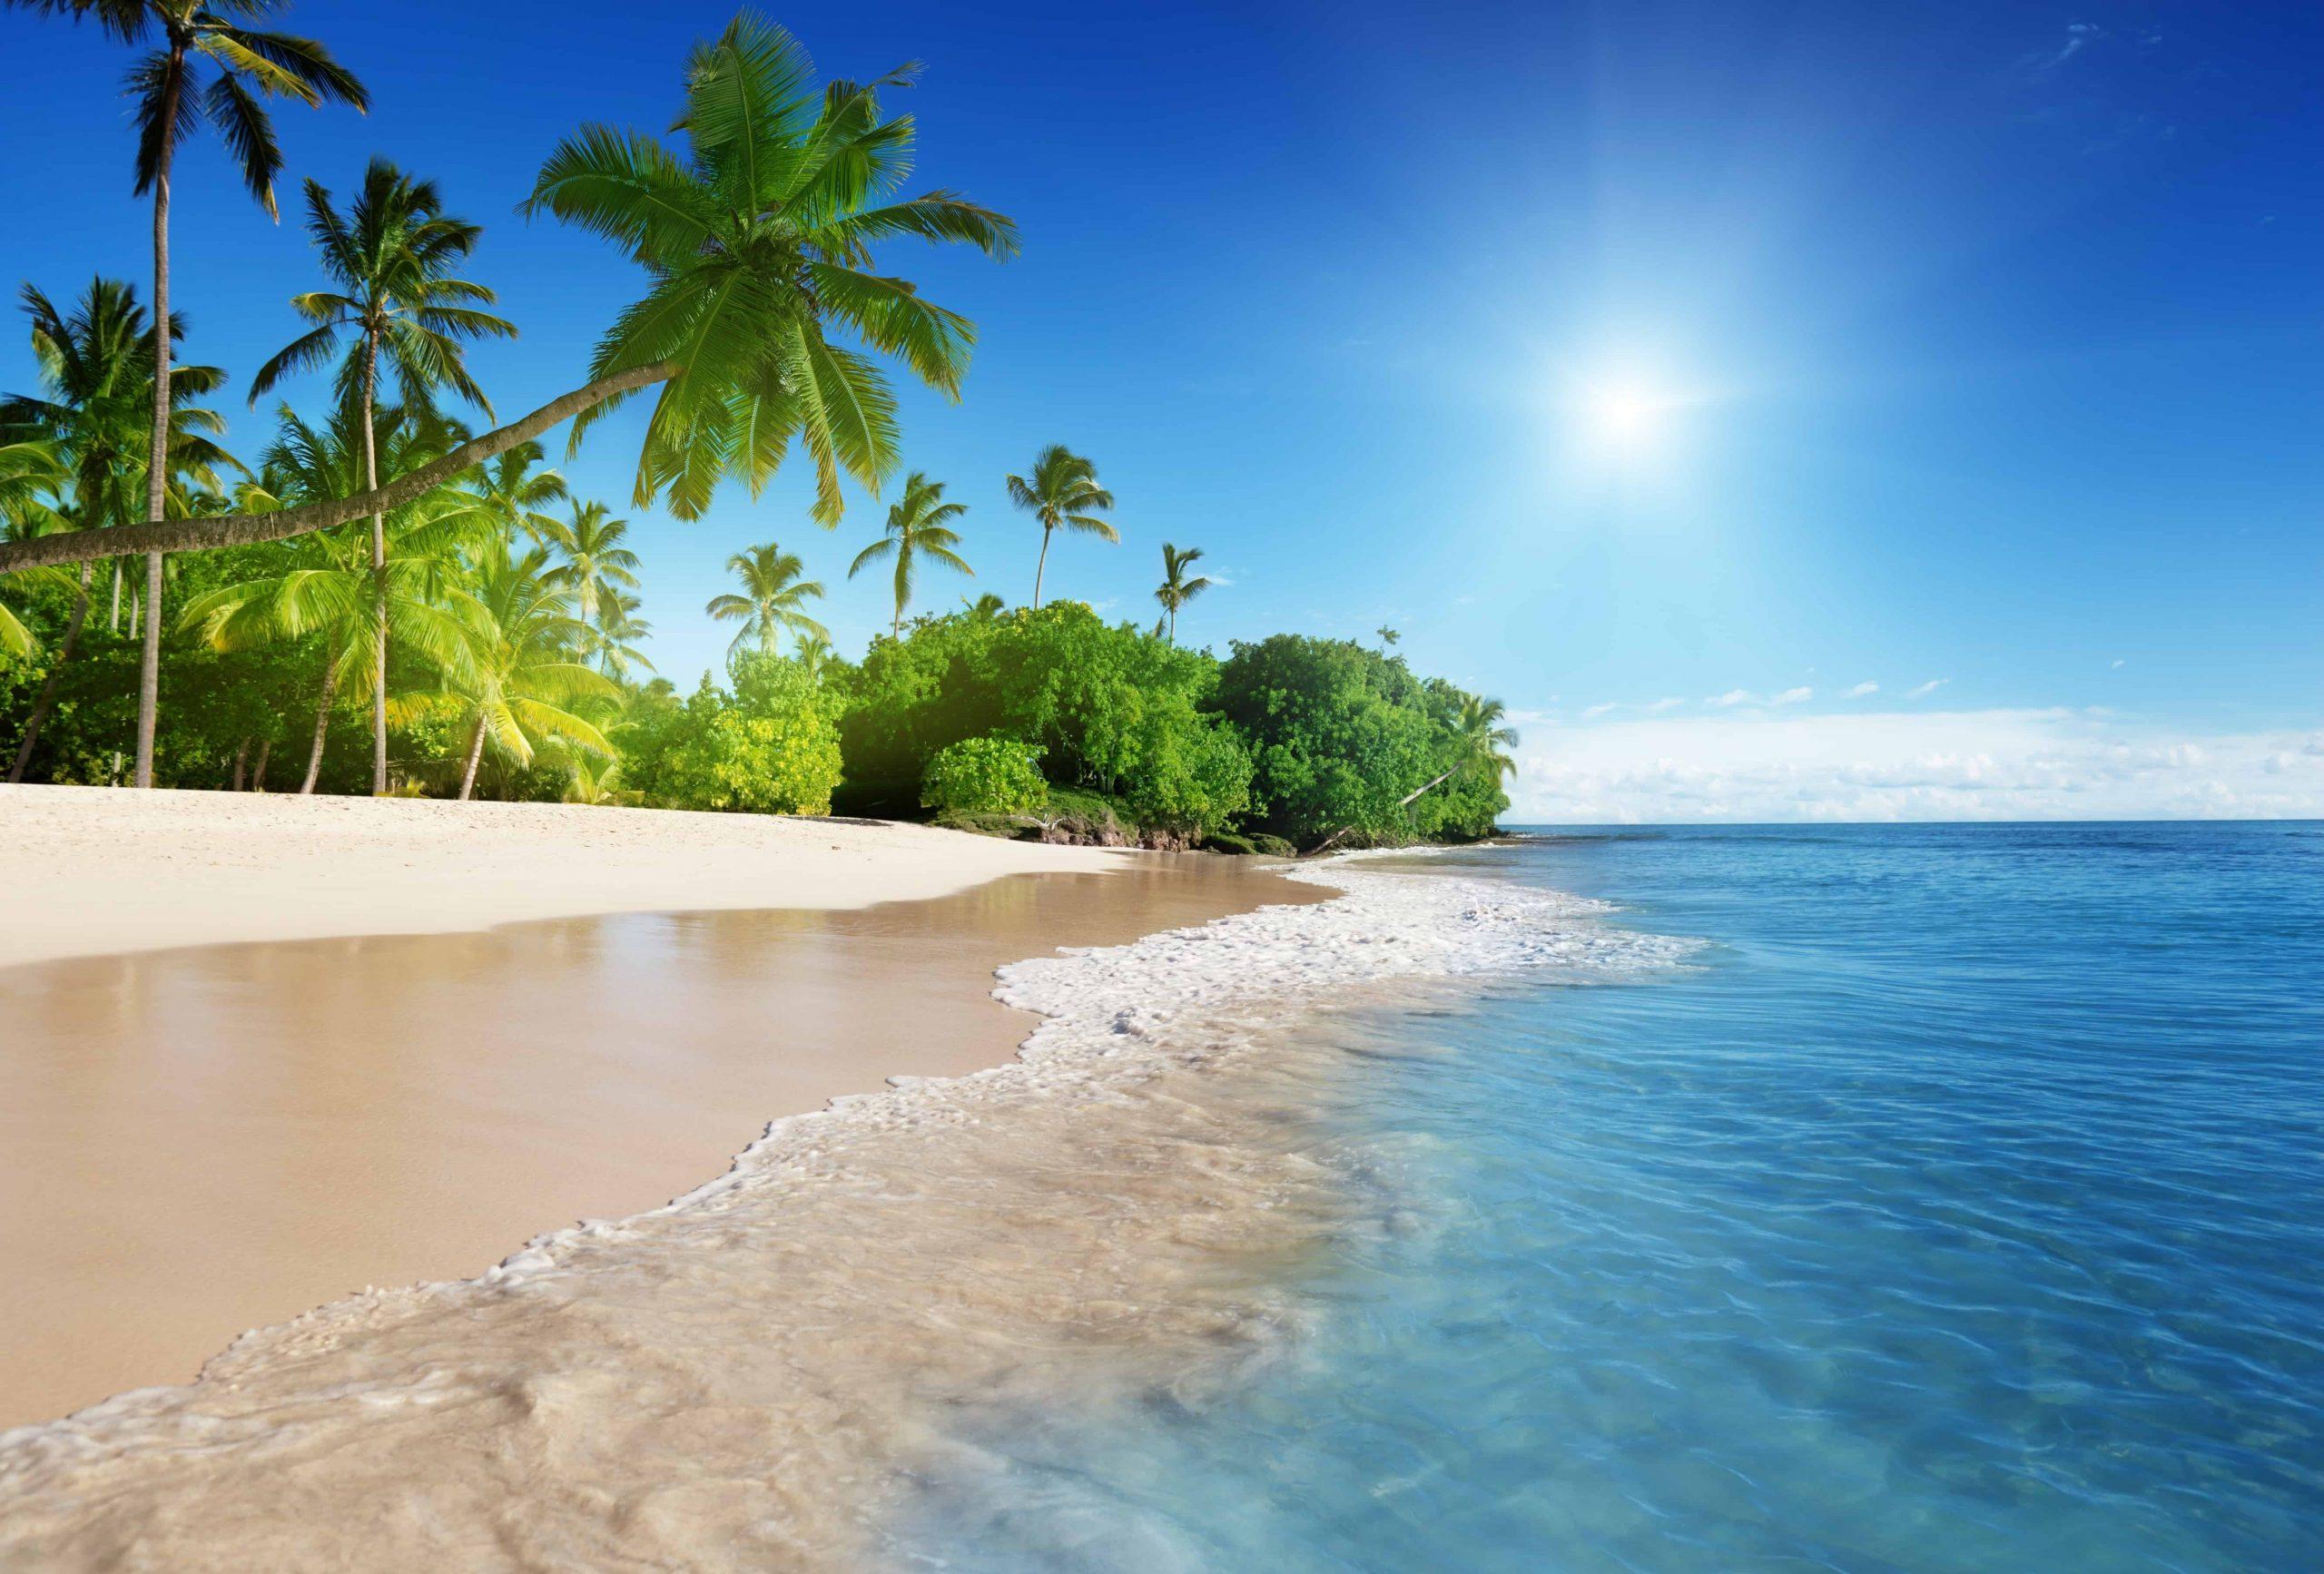 Rundreise Karibik: Empfehlungen & Vergleich (07/20)